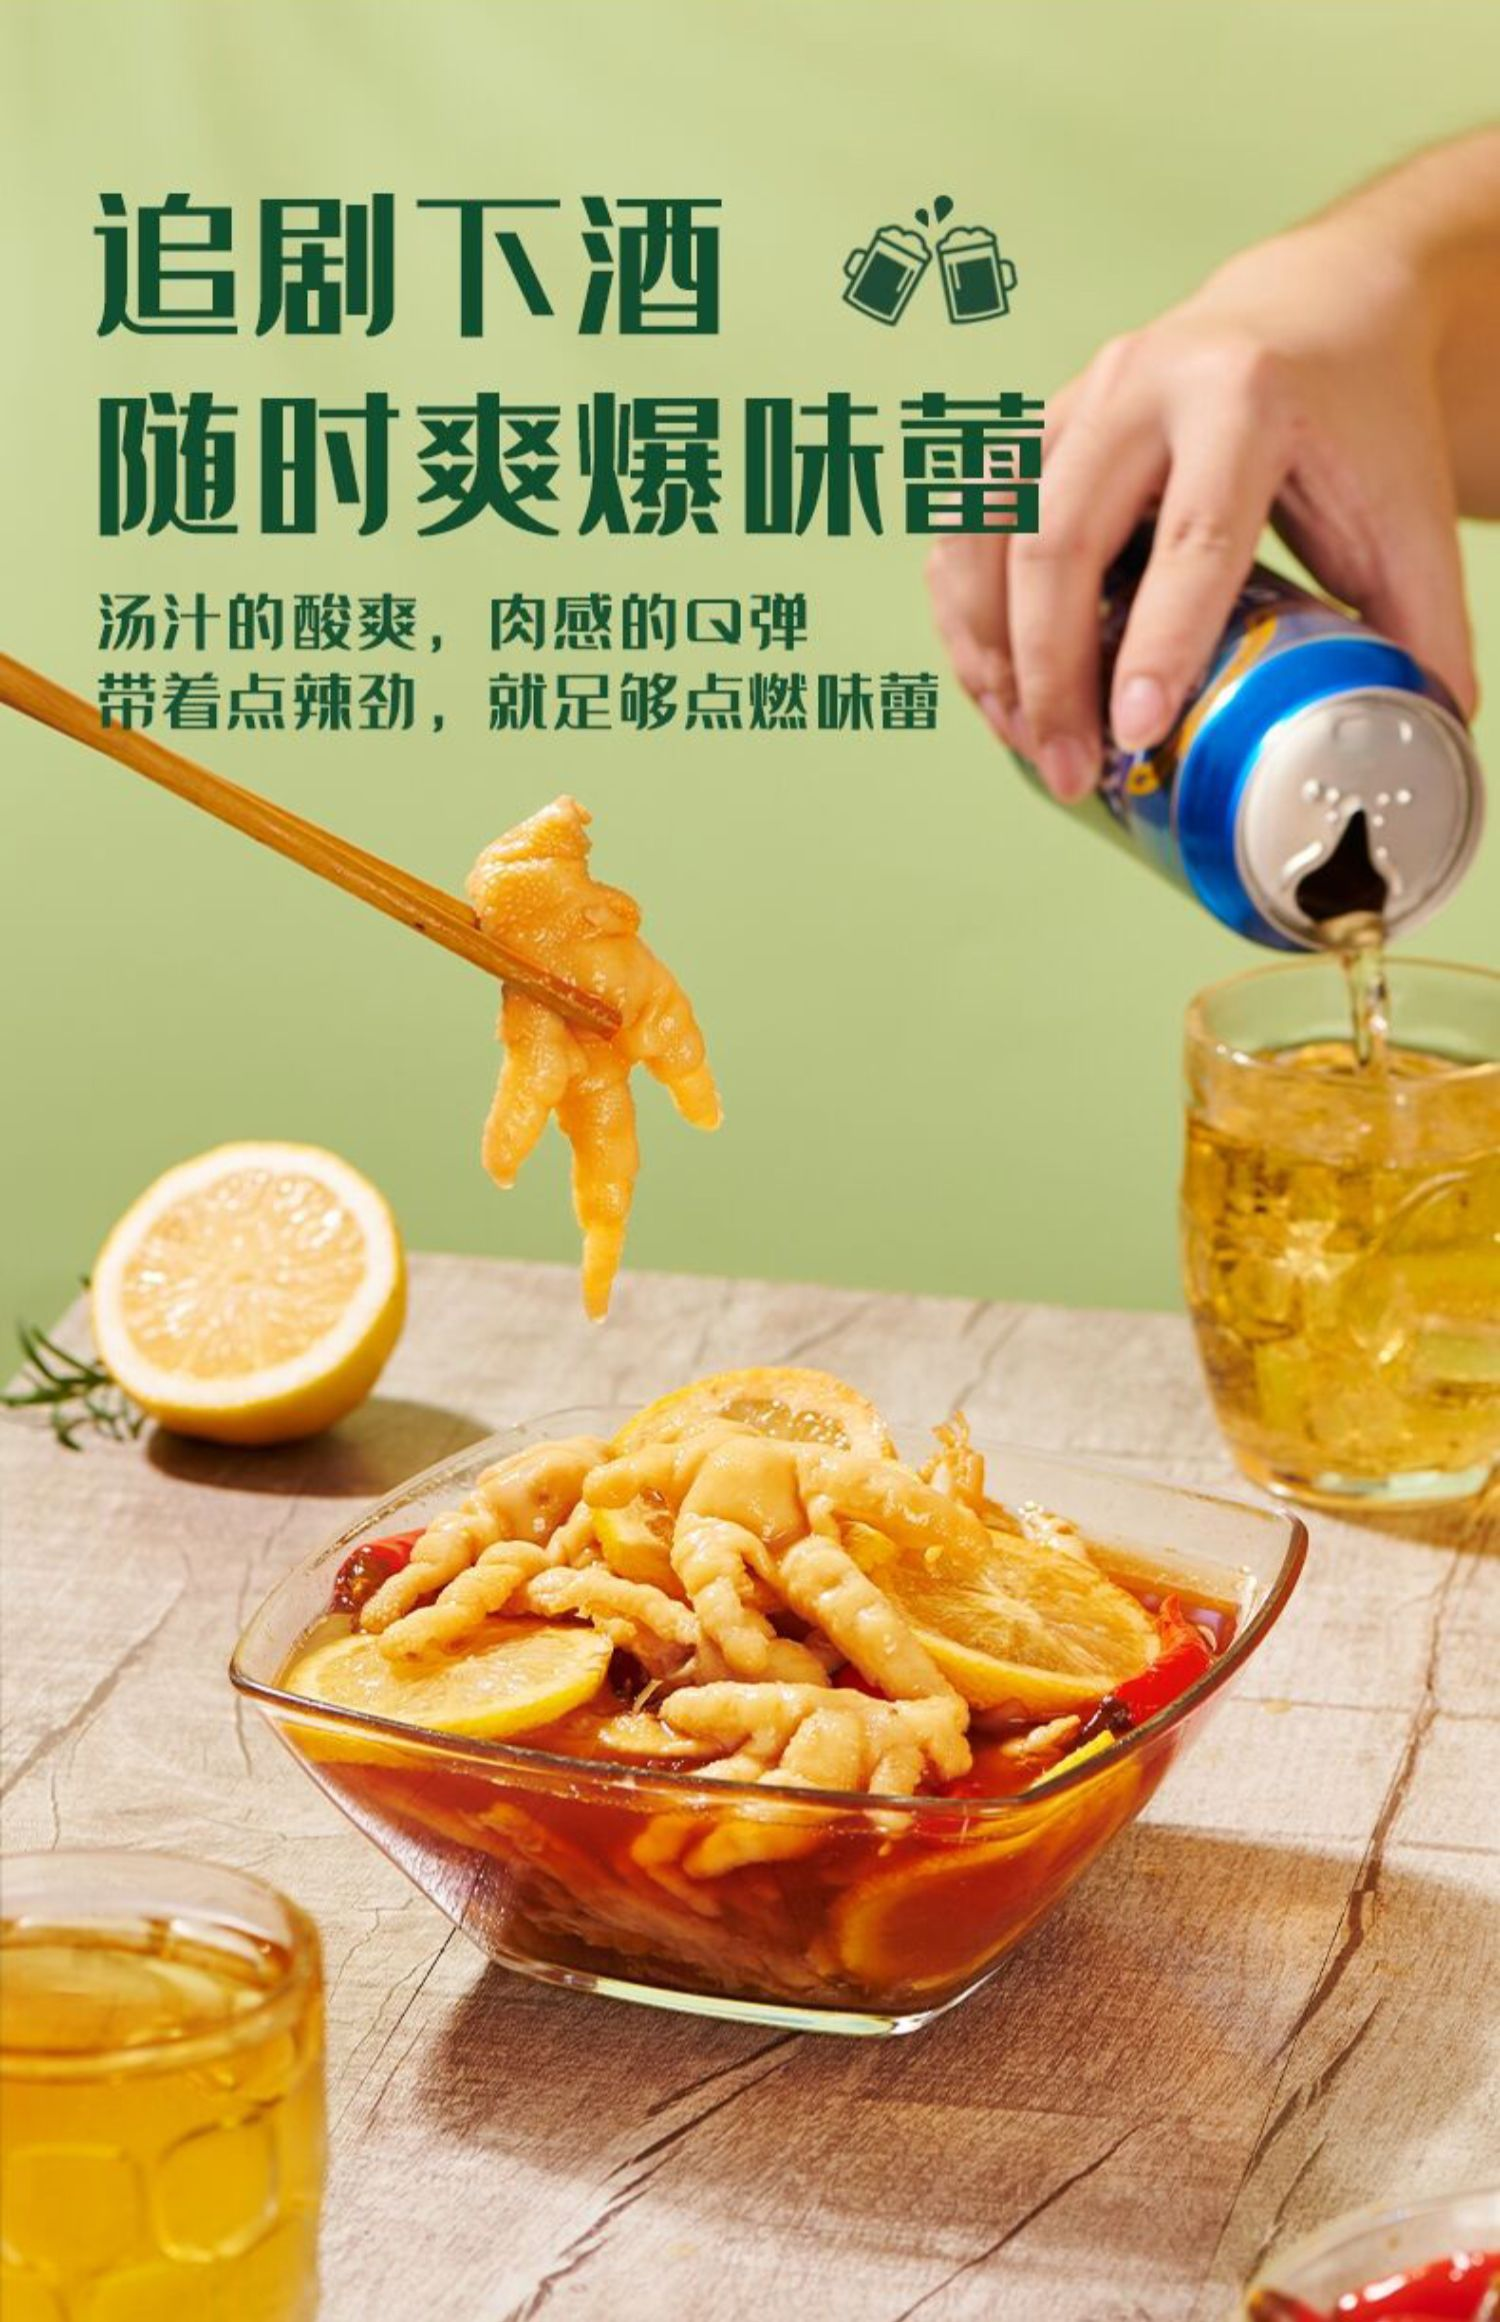 【紫燕食品旗舰店】百味鸡酸辣柠檬无骨鸡爪 真空包装200g